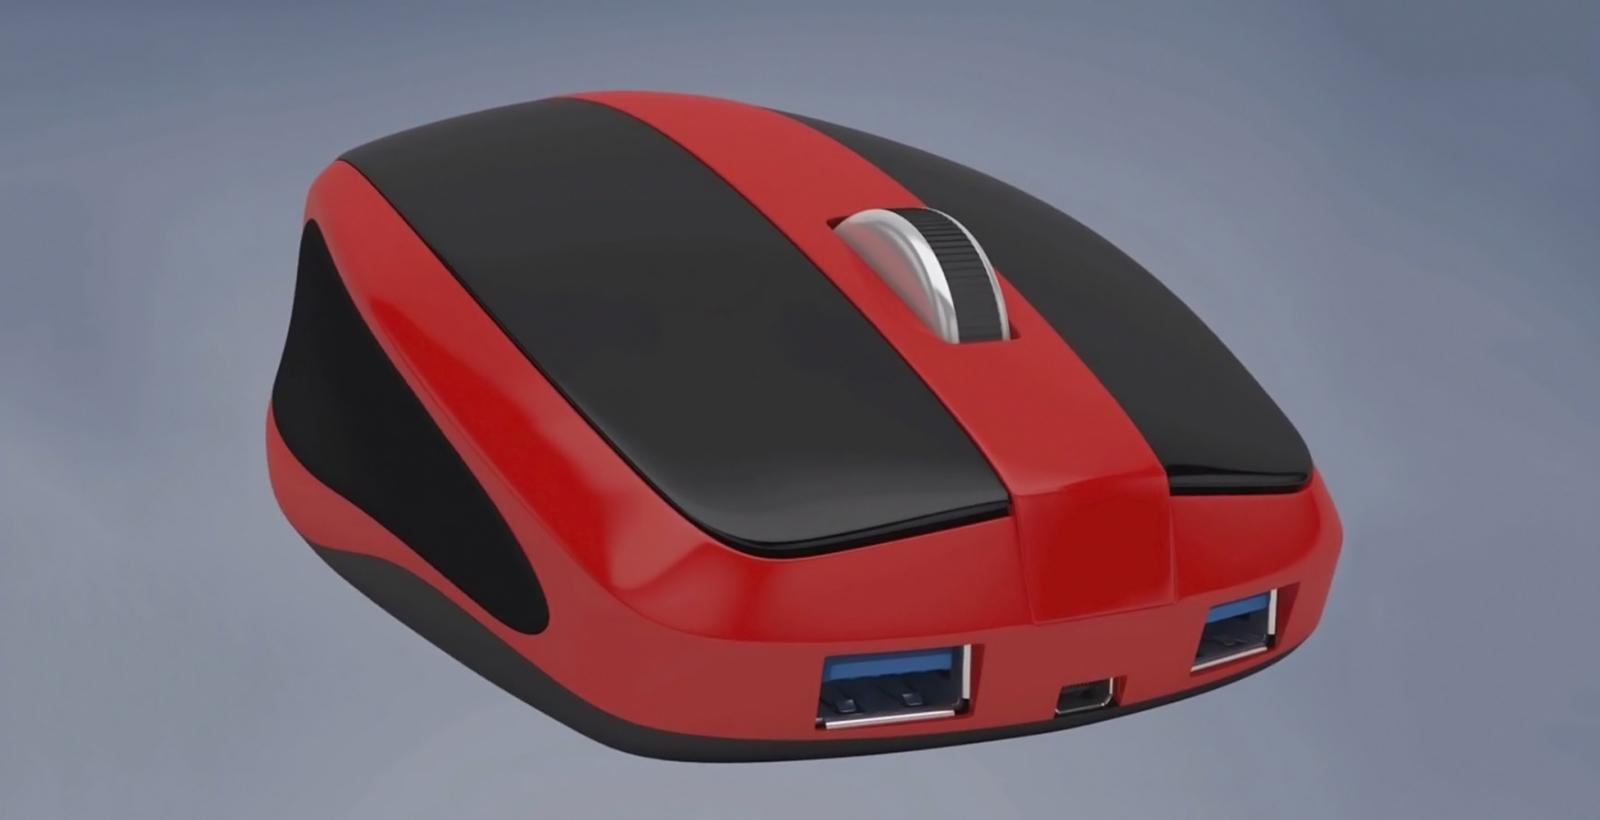 Mouse Box системный блок